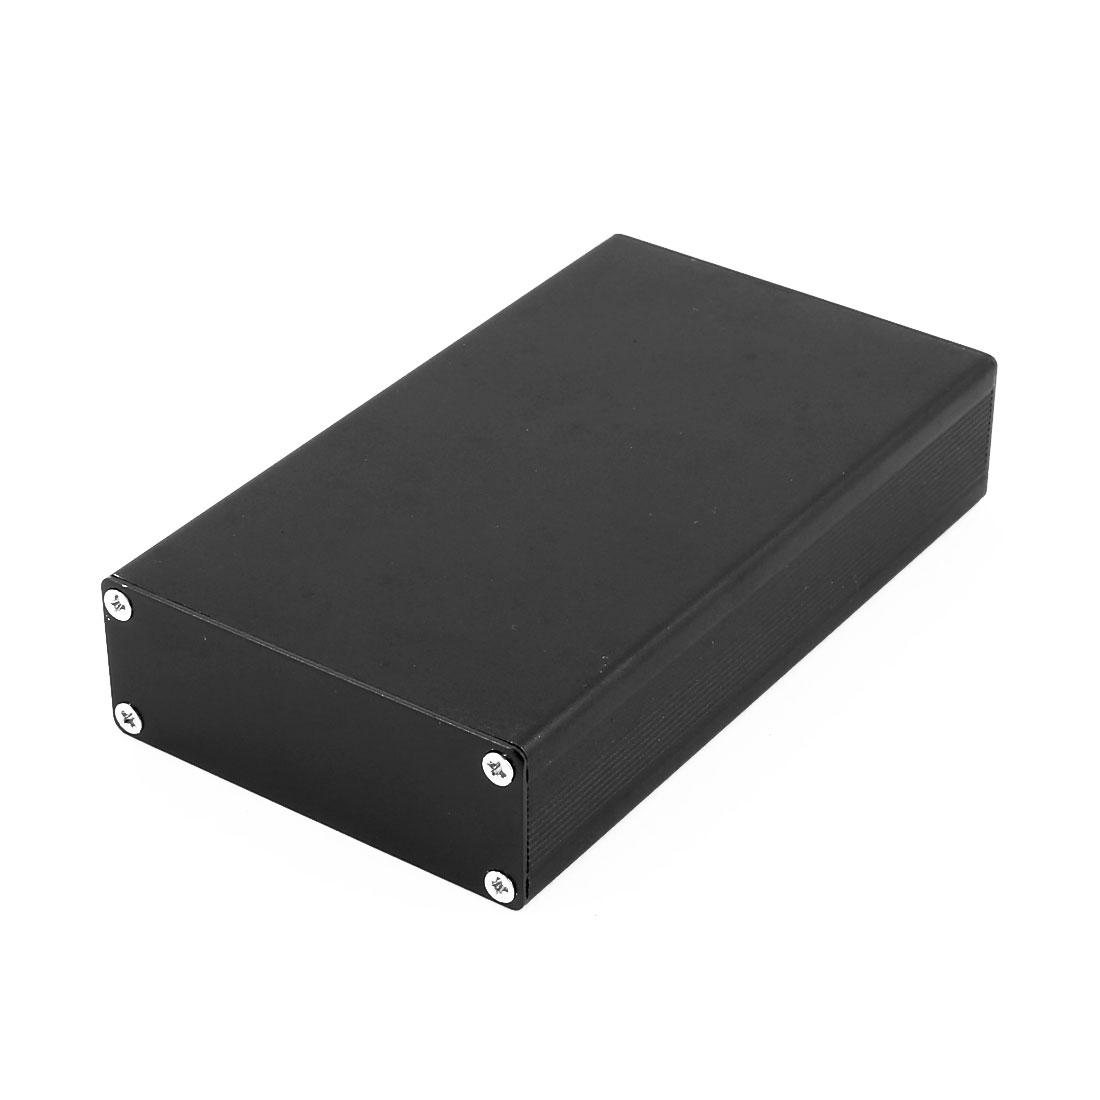 24 X 64 X 110mm Multi-purpose Electronic Extruded Aluminum Enclosure Case Black Tone